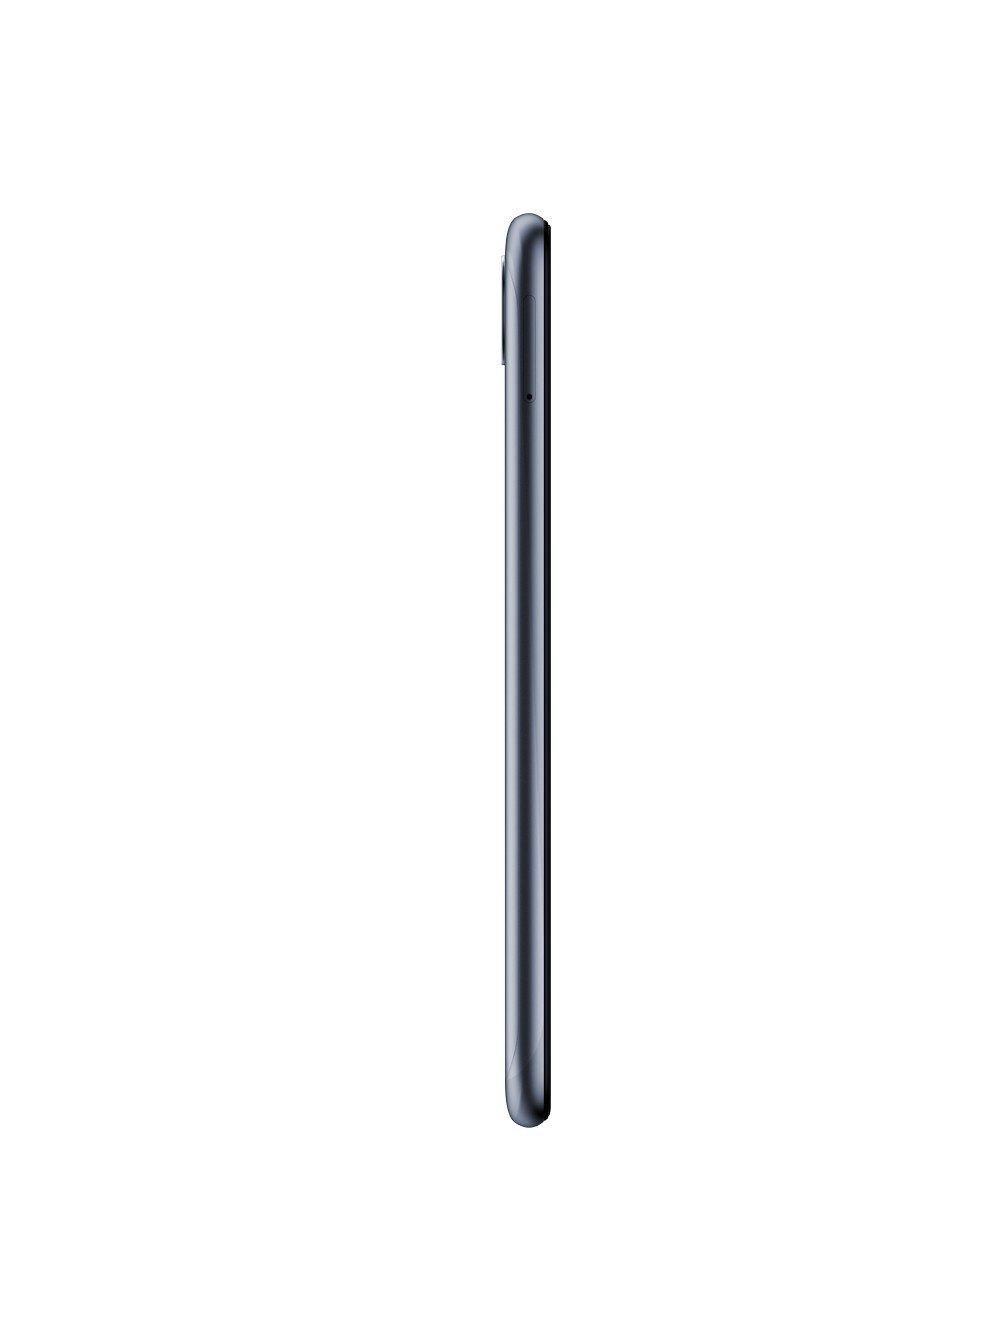 Смартфон Asus ZenFone Max (M2) 4/32G (ZB633KL-4A070EU) Black фото 16